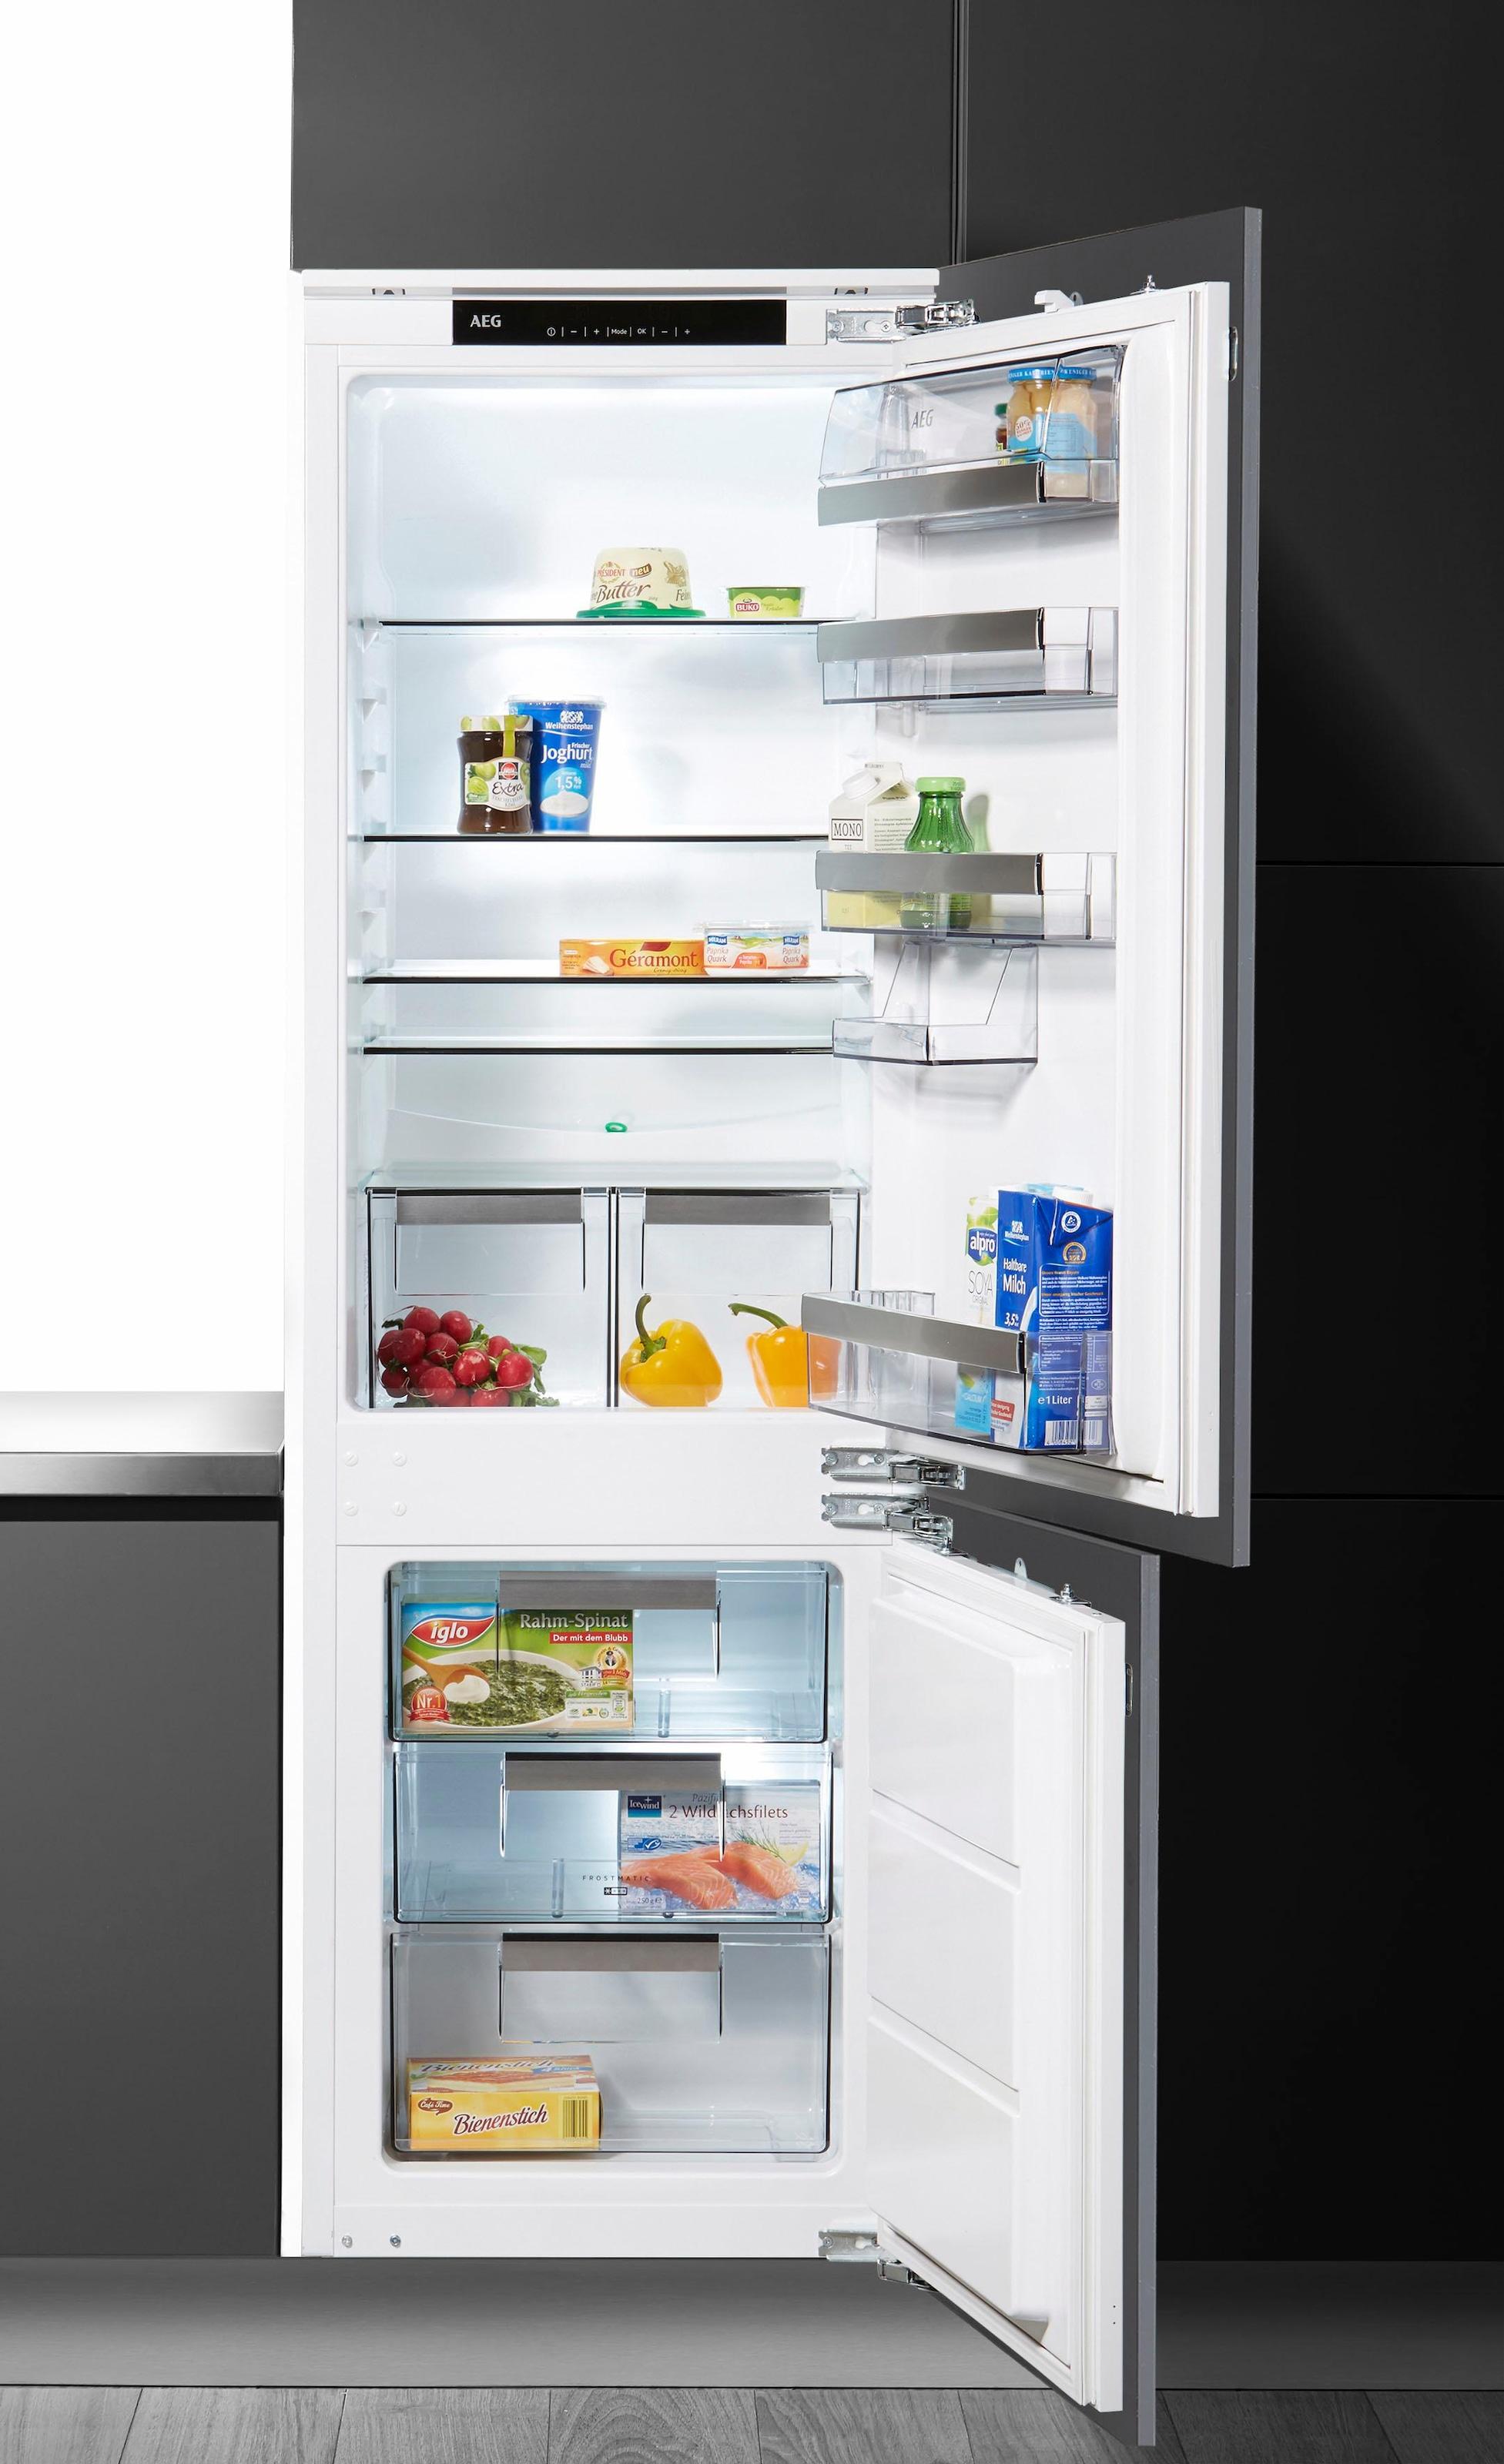 Aeg Kühlschrank Santo Temperatur Einstellen : Aeg einbau kühl gefrierkombination santo sce lc cm per